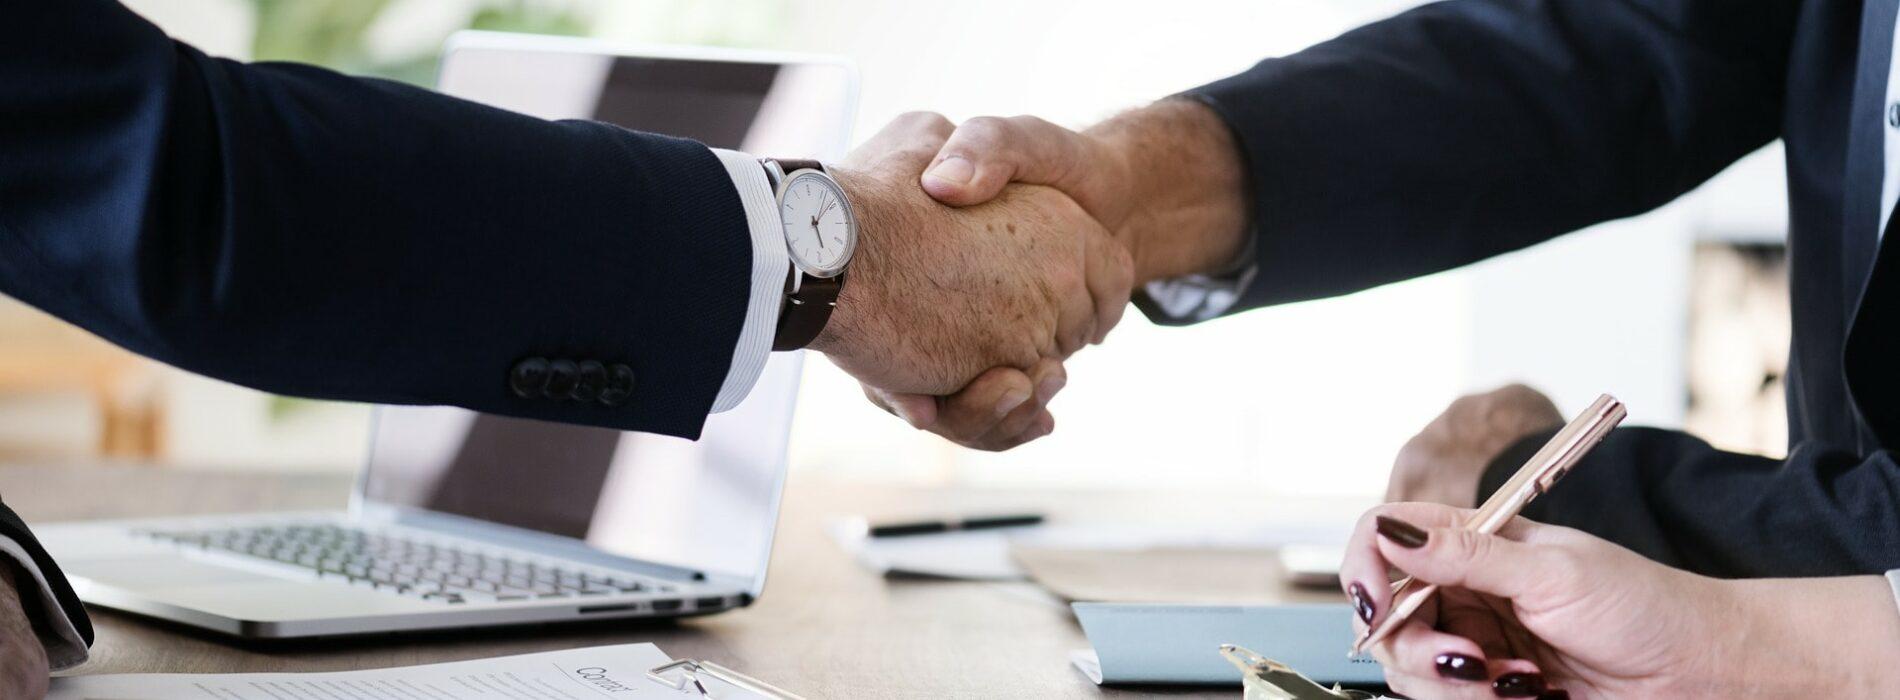 Технологии переговоров для закрытия сделок